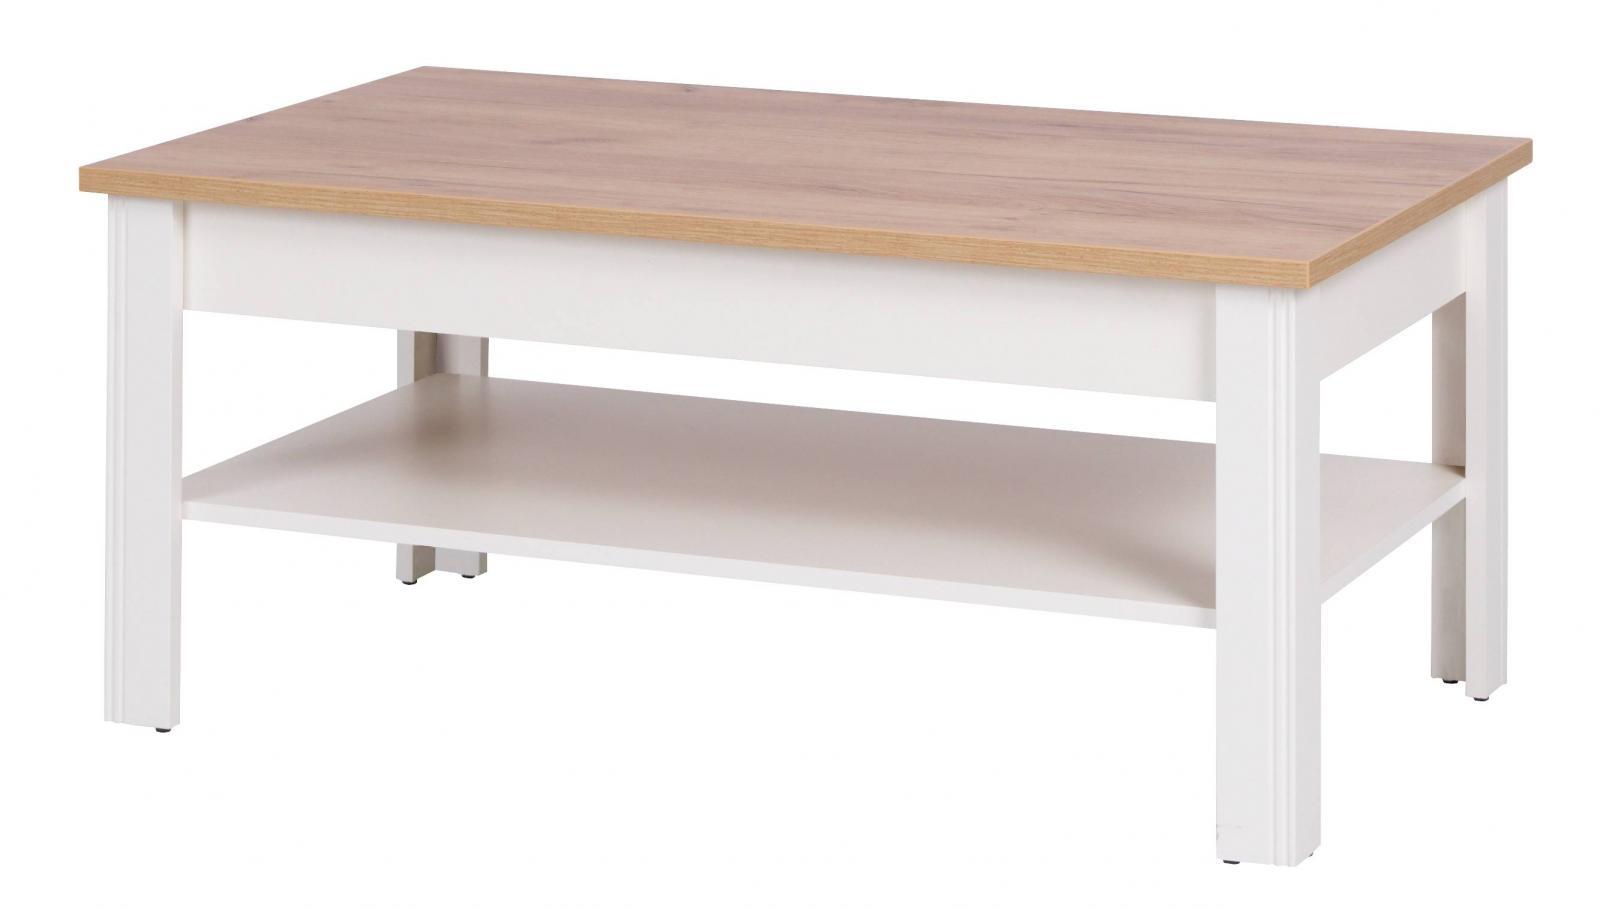 Konferenční stolek Bacardi R16 dub zlatý/crem